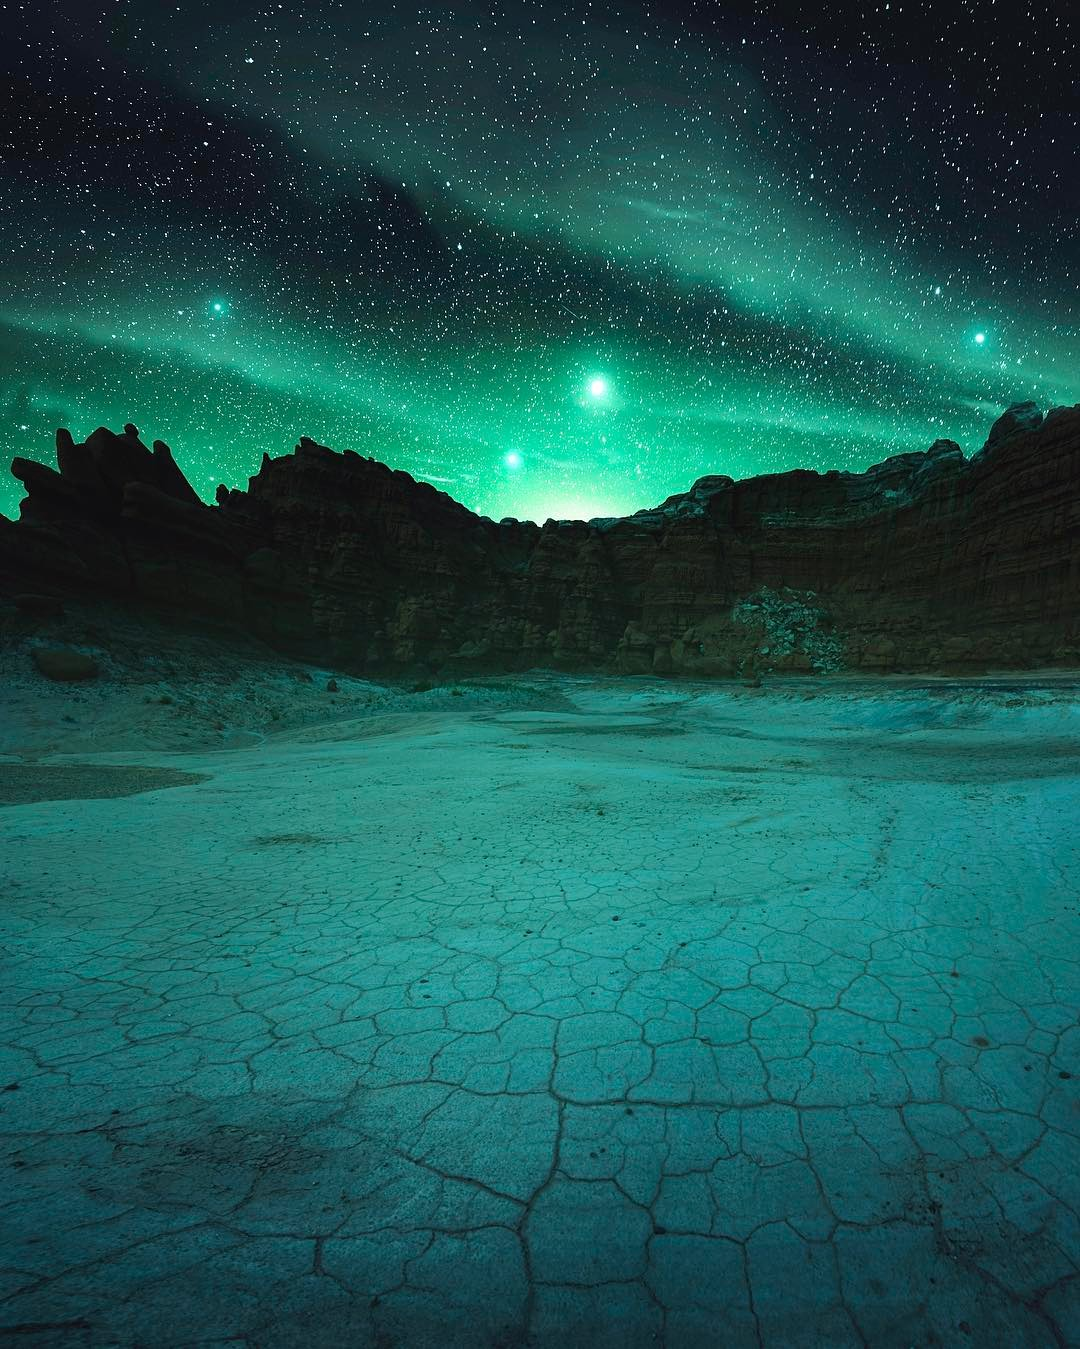 Фотограф Jaxson Pohlman: ночные пейзажи и астрофотографии